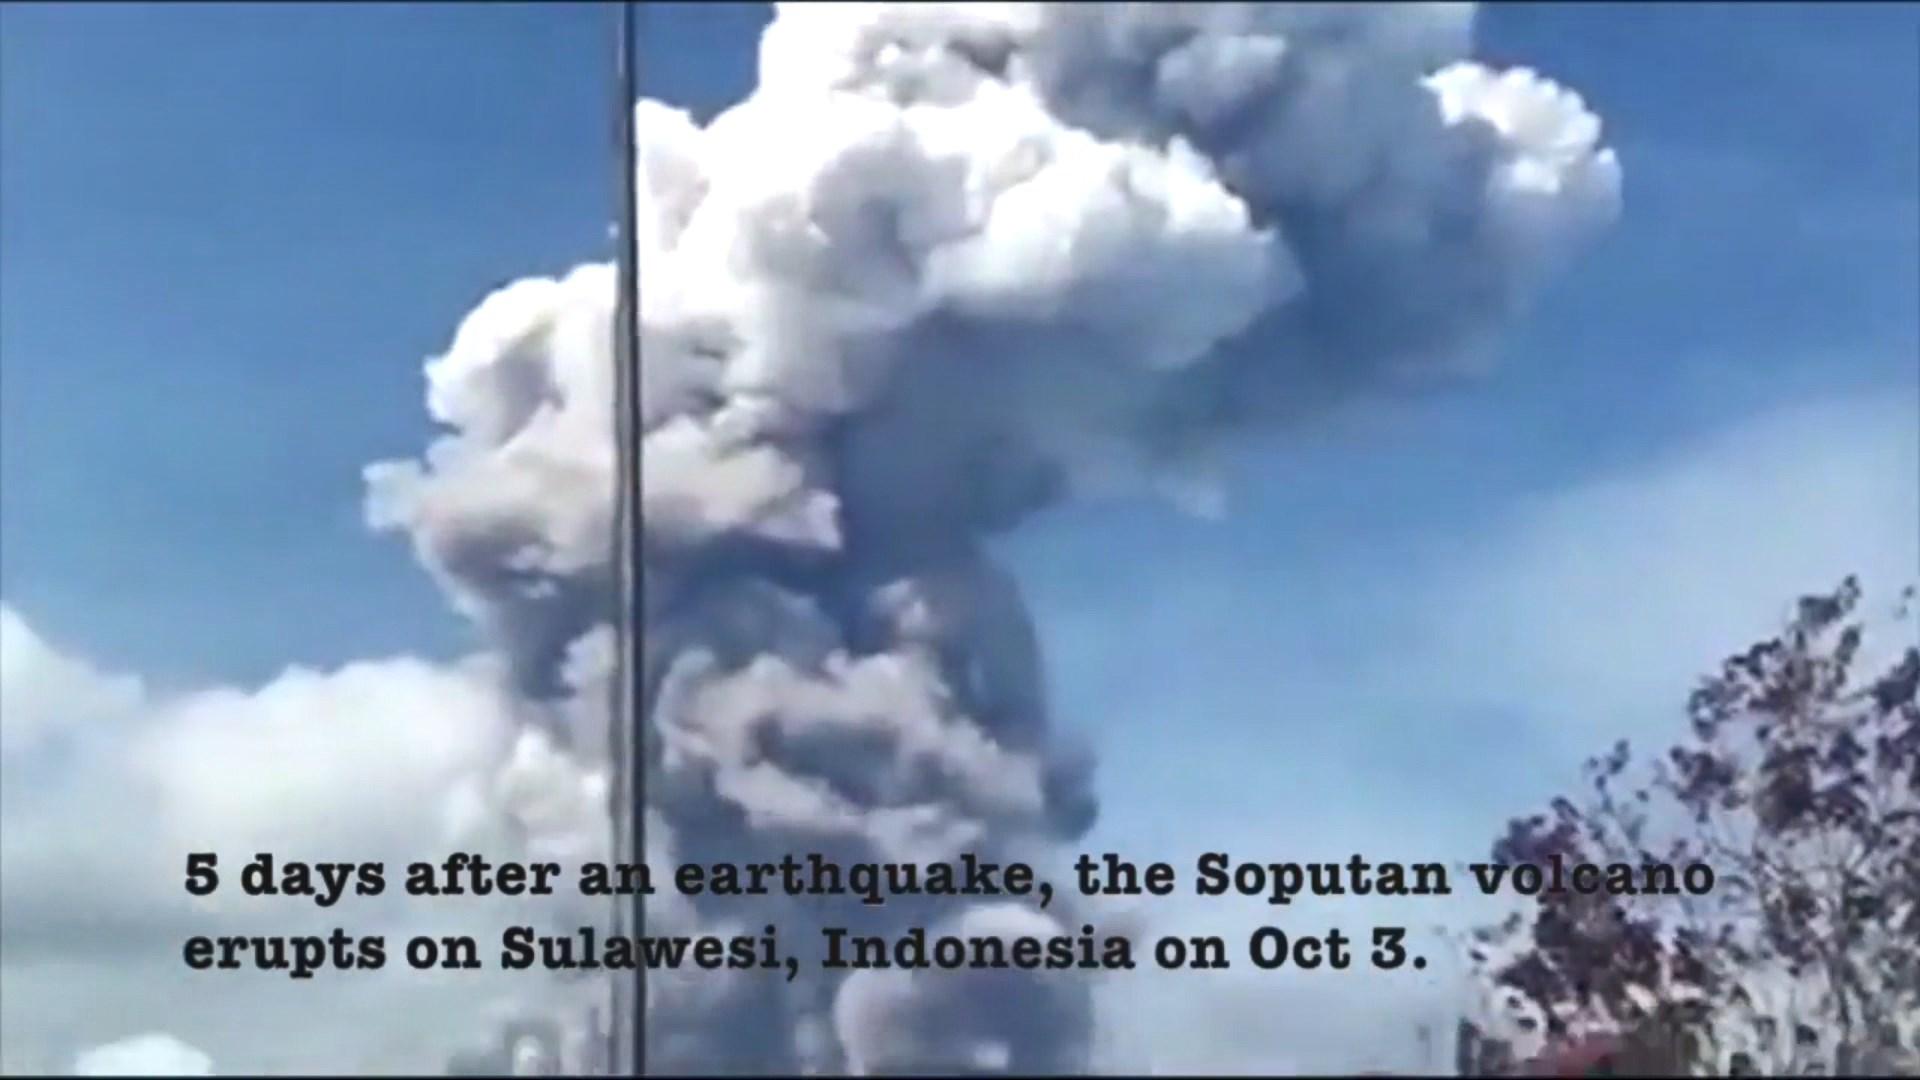 Indonezia nuk gjen paqe nga fatkeqësitë natyrore